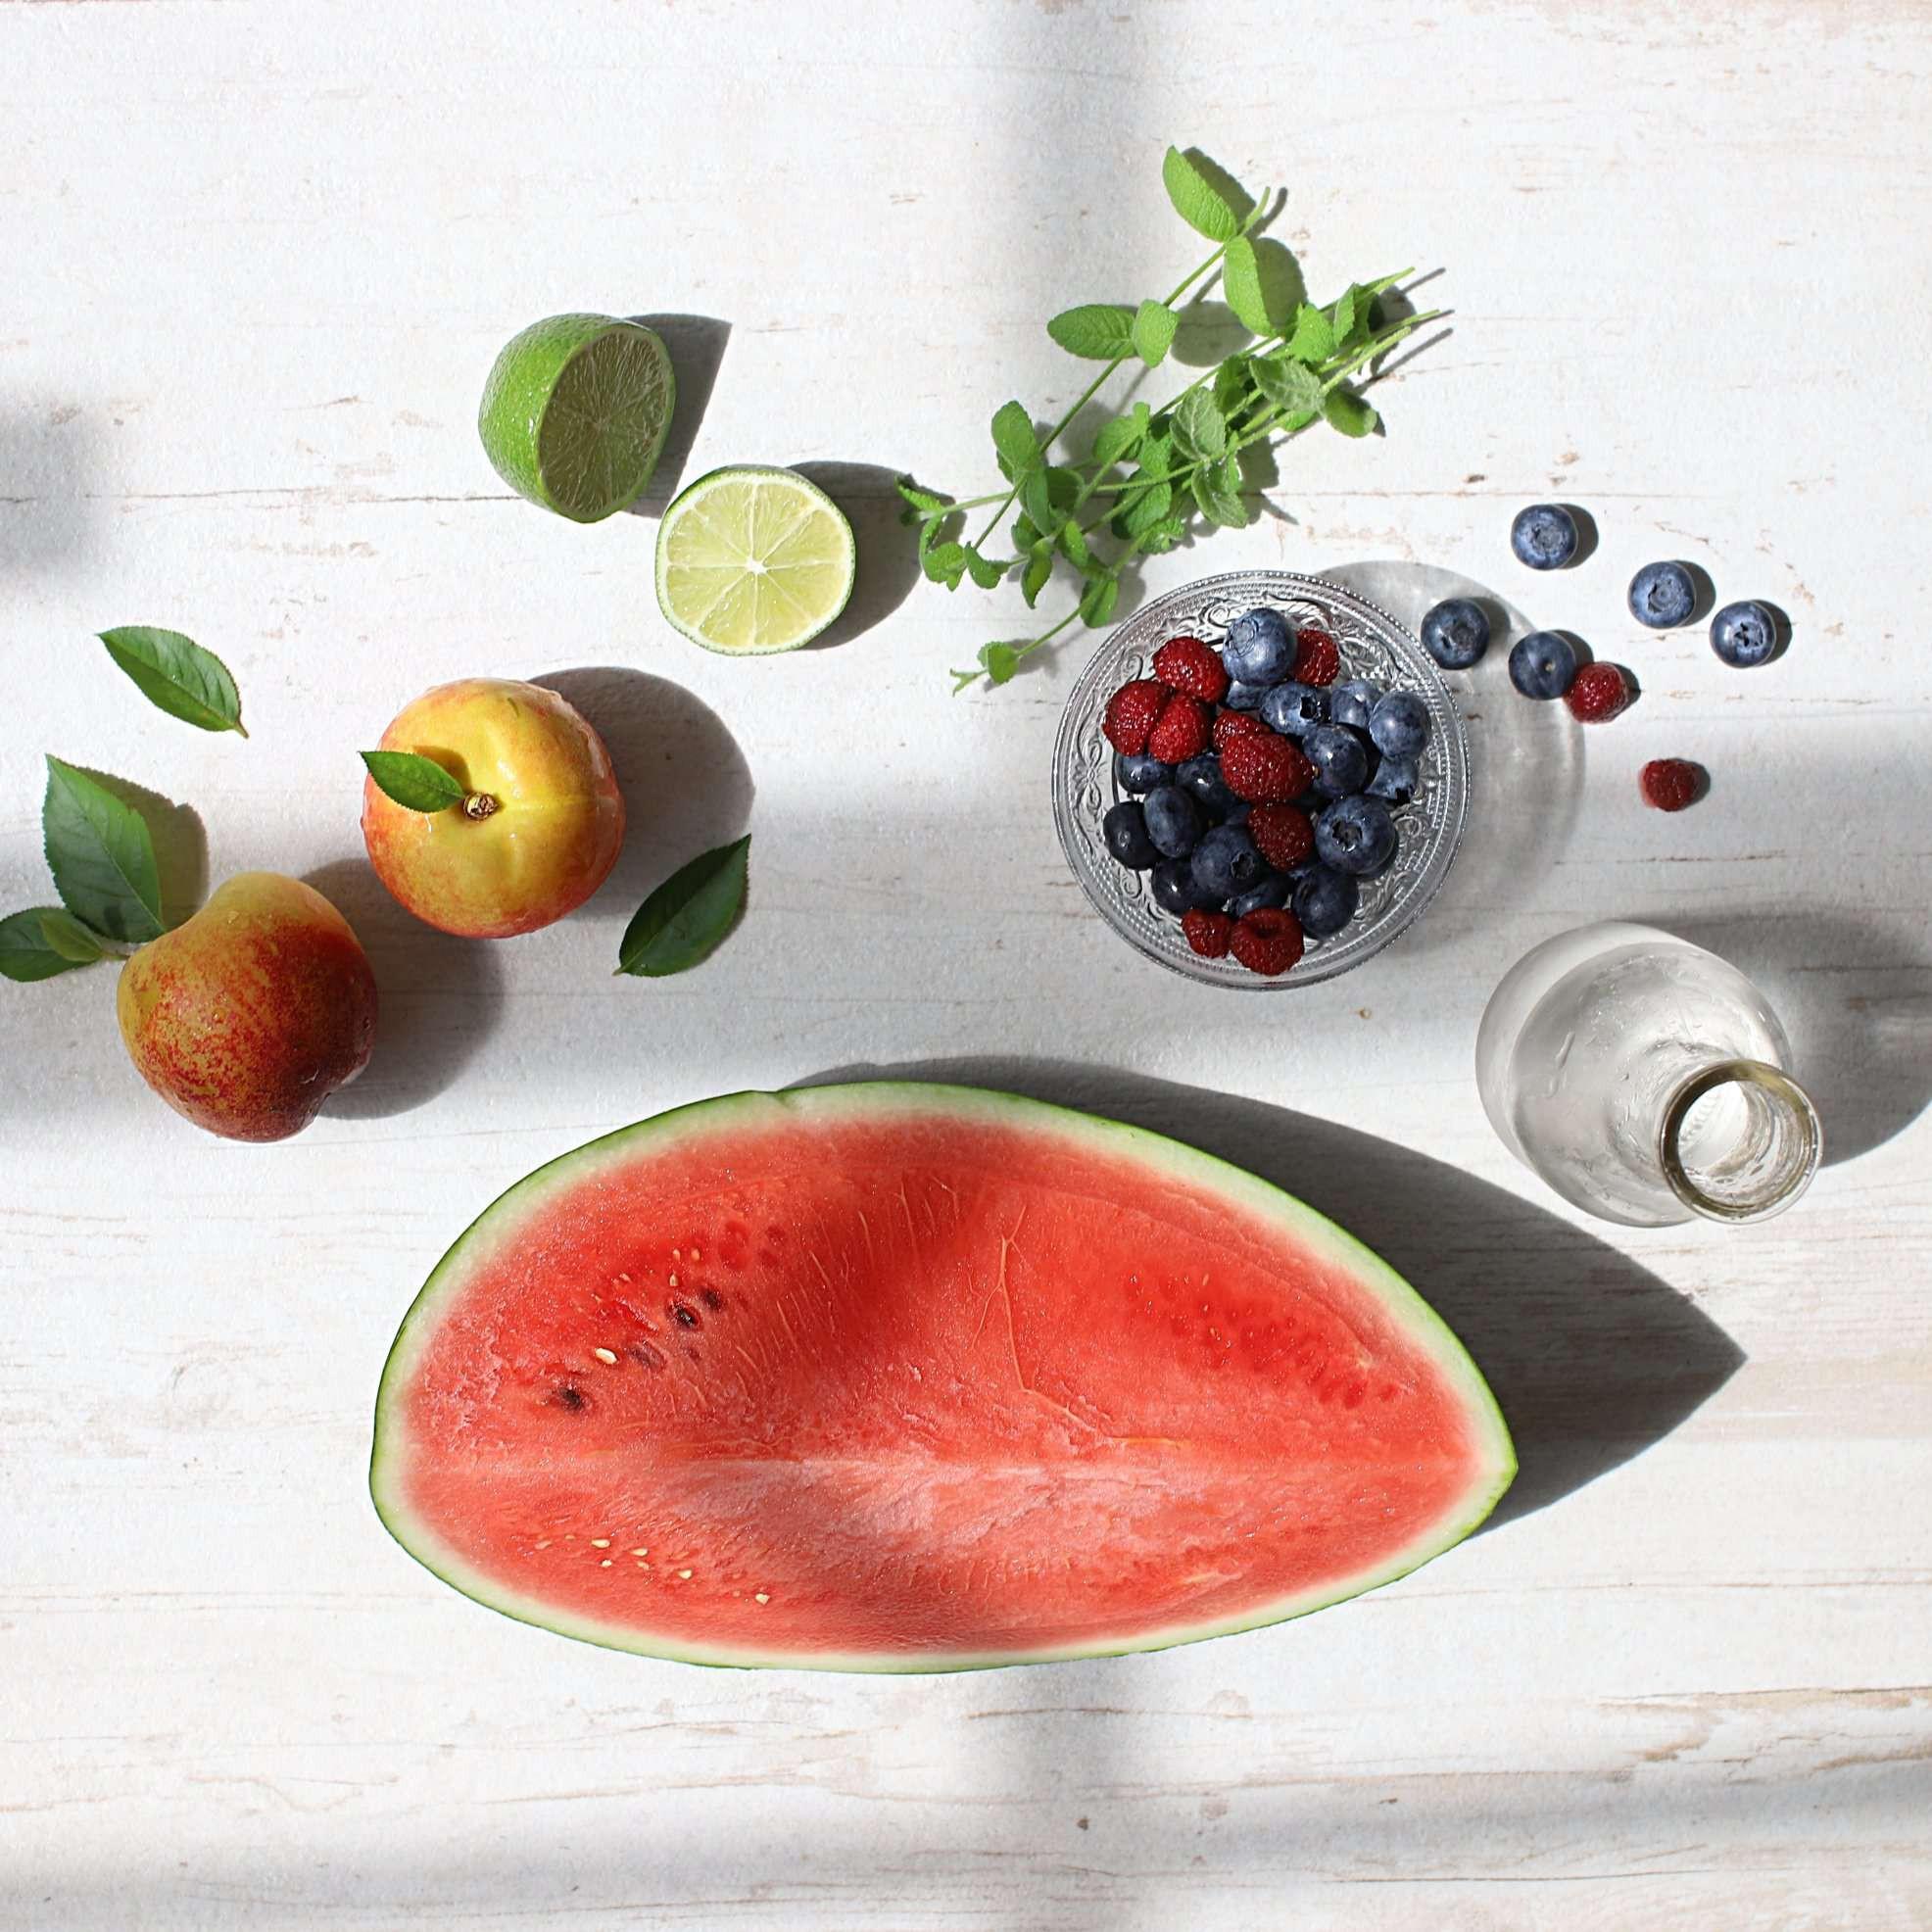 Sau bữa tối hãy thử món tráng miệng trái cây độc đáo này nhé!